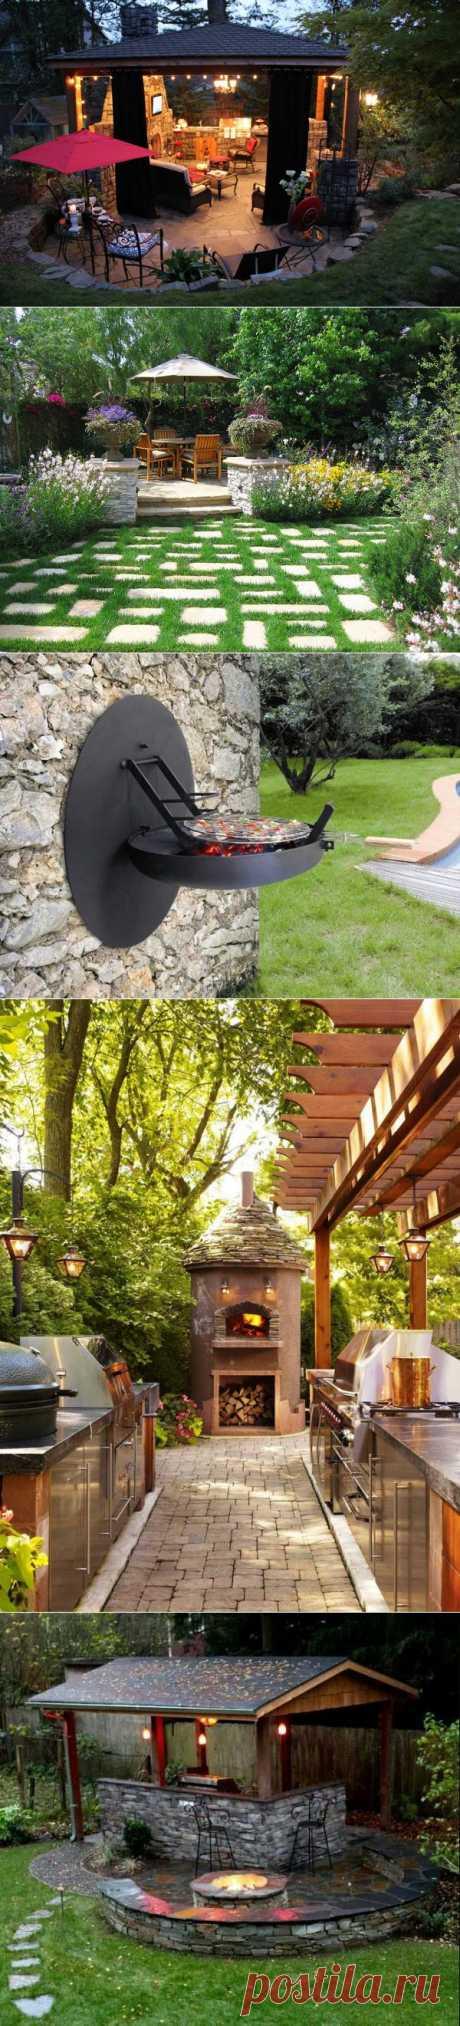 Летние кухни и зоны отдыха с барбекю, мангалом и грилем. Ландшафтный дизайн.